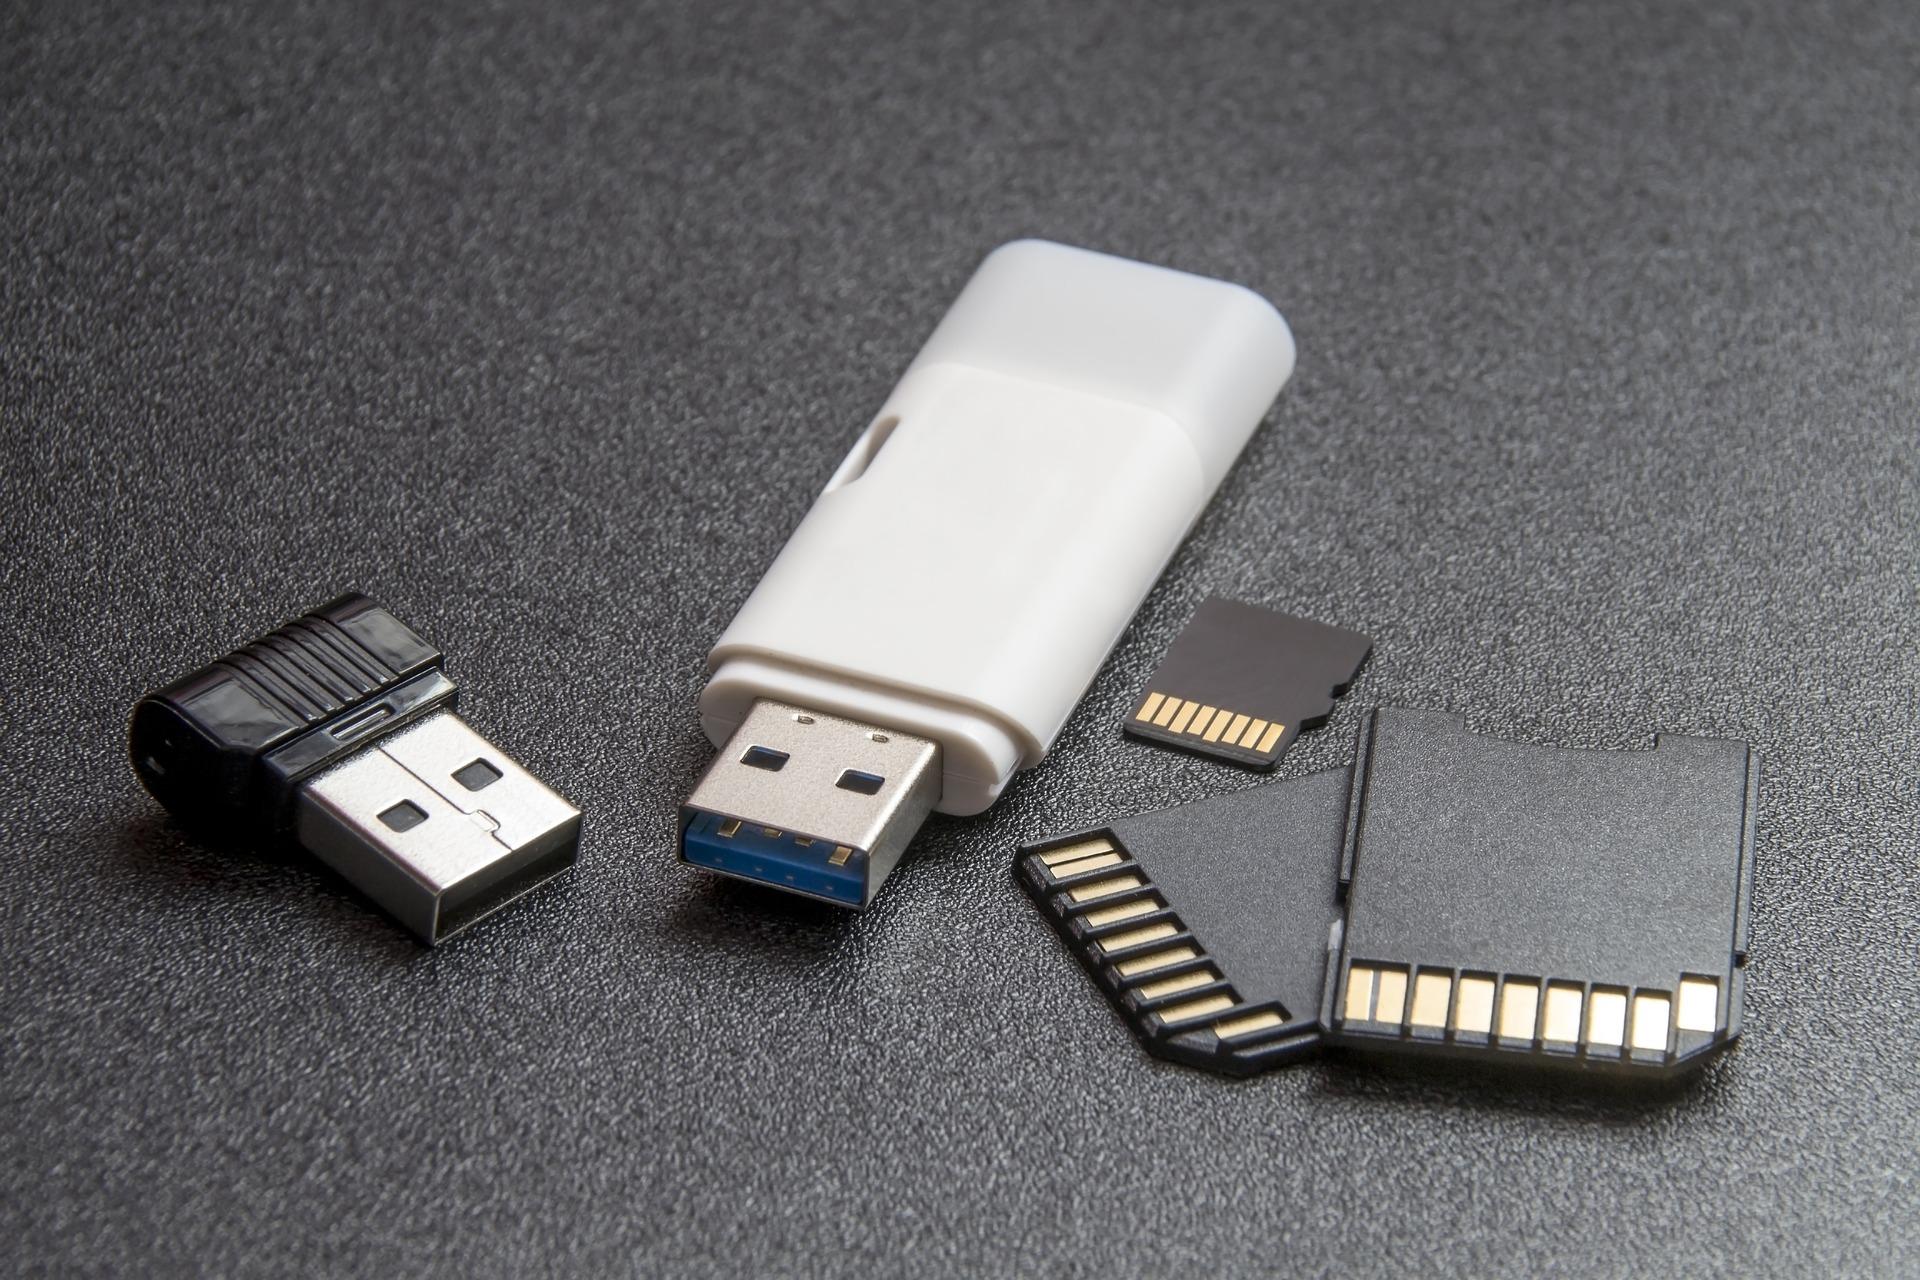 Акция по сбору ненужной электроники пройдет в ВШЭ